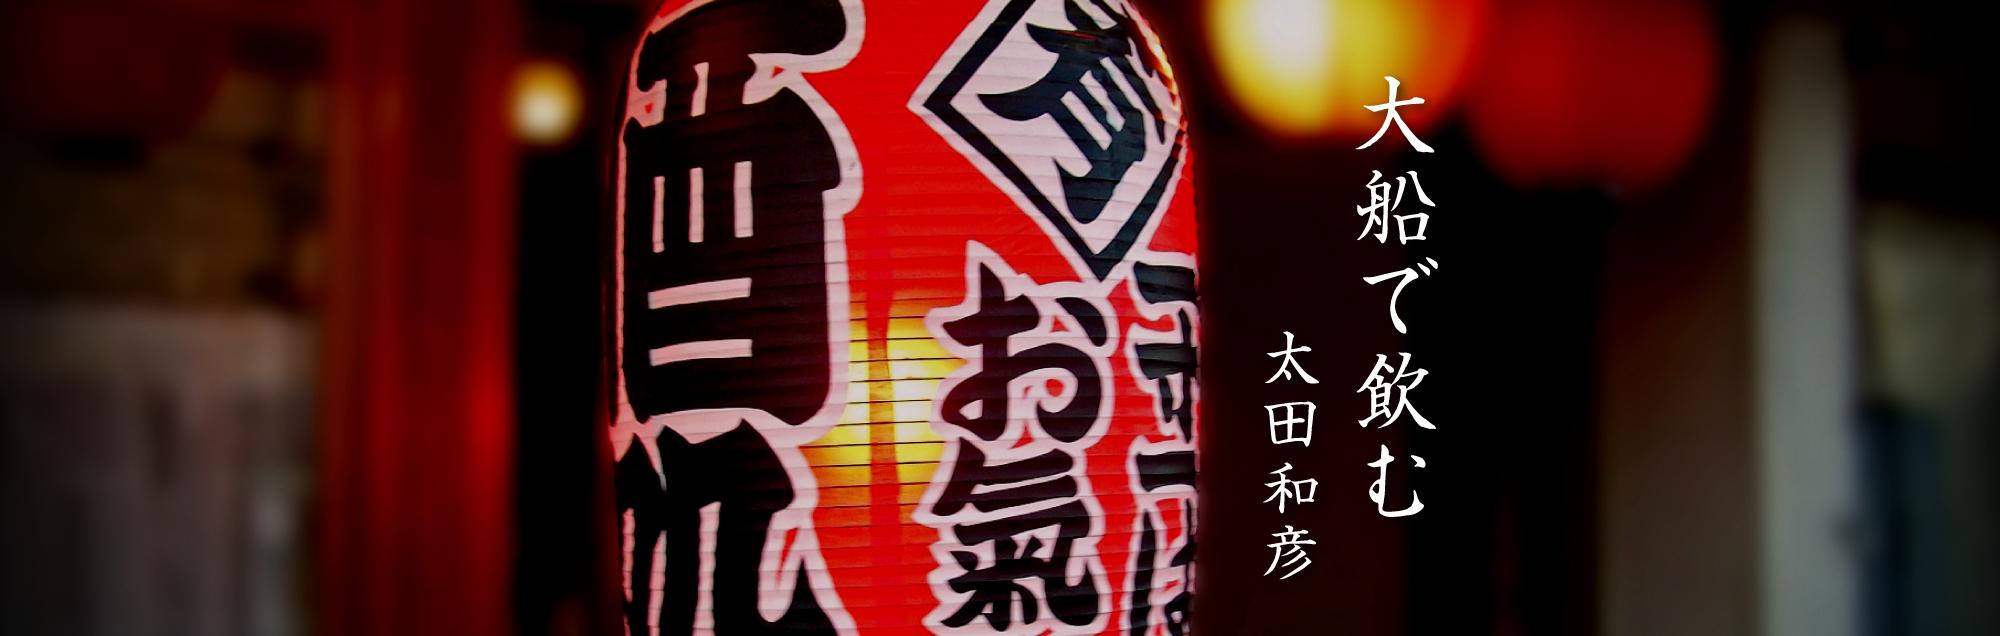 大船で飲む 太田和彦